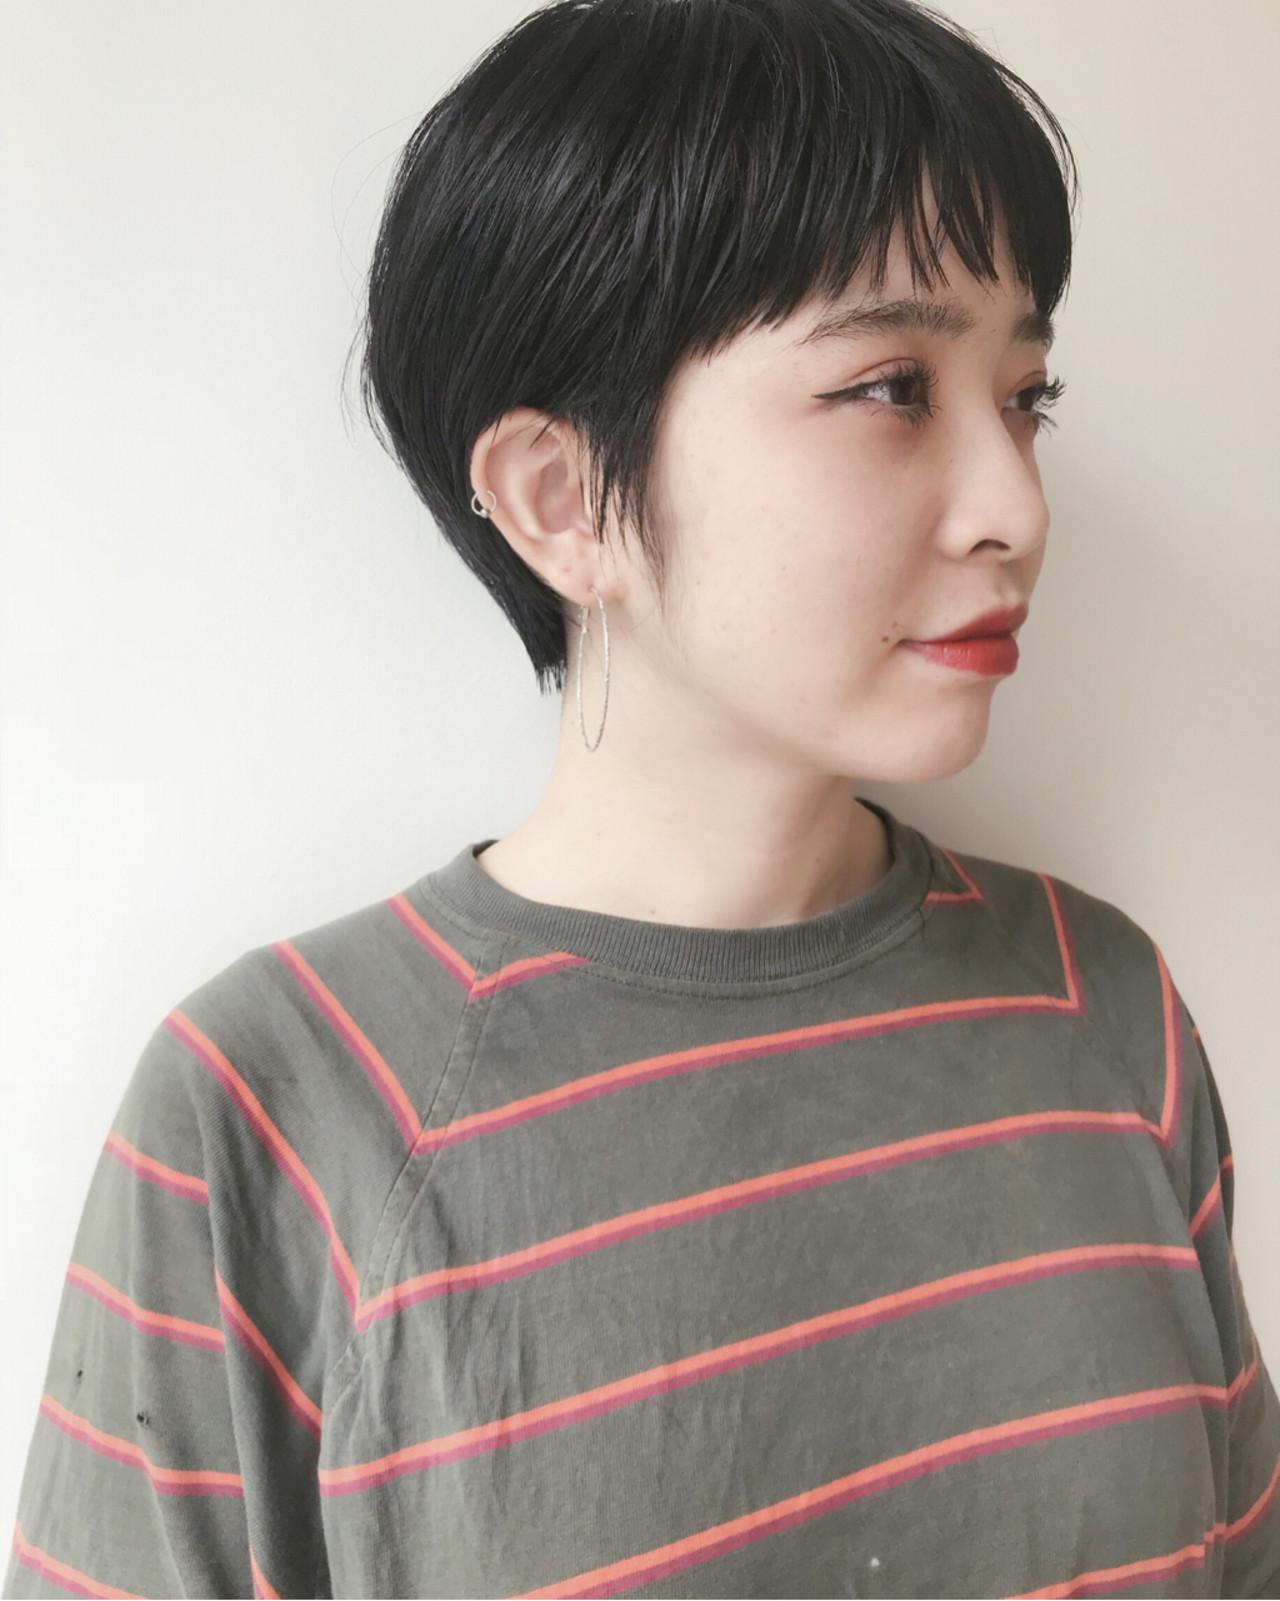 ナチュラル 黒髪 ショート マッシュ ヘアスタイルや髪型の写真・画像